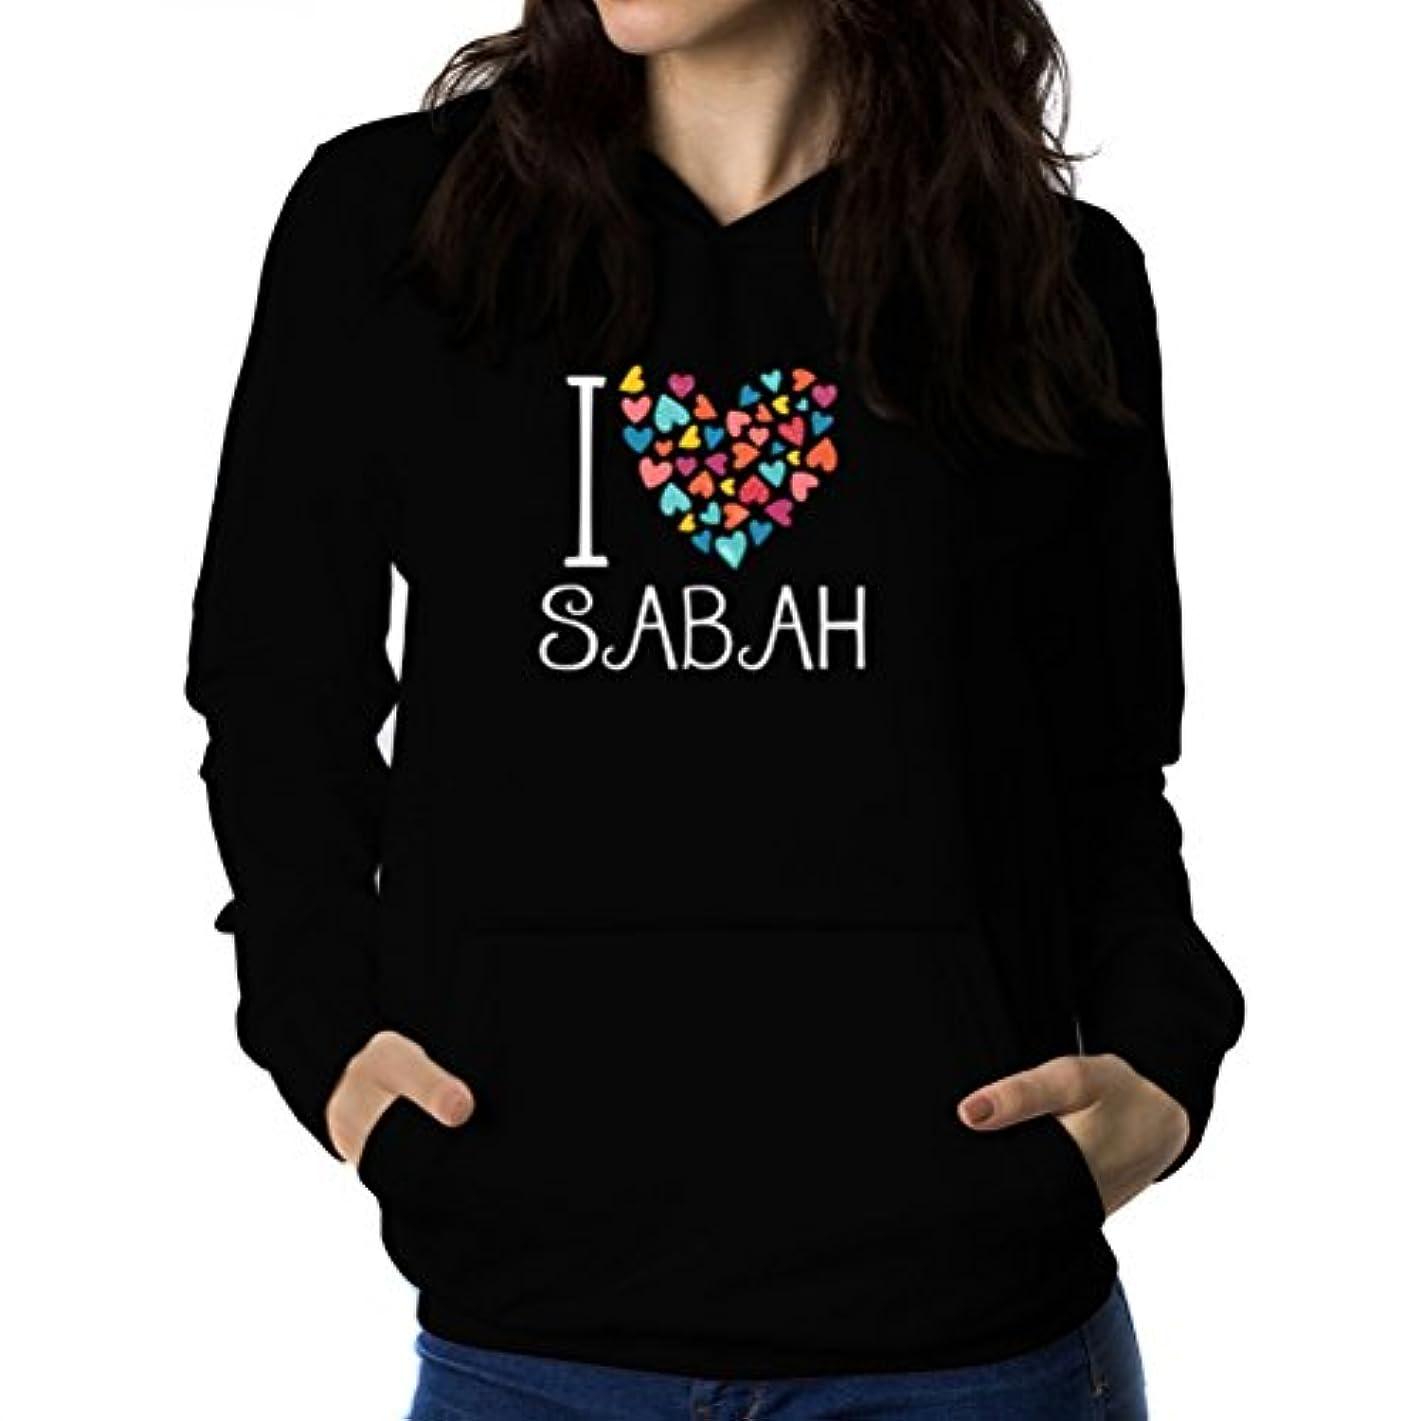 技術的な改善する生き残りますI love Sabah colorful hearts 女性 フーディー